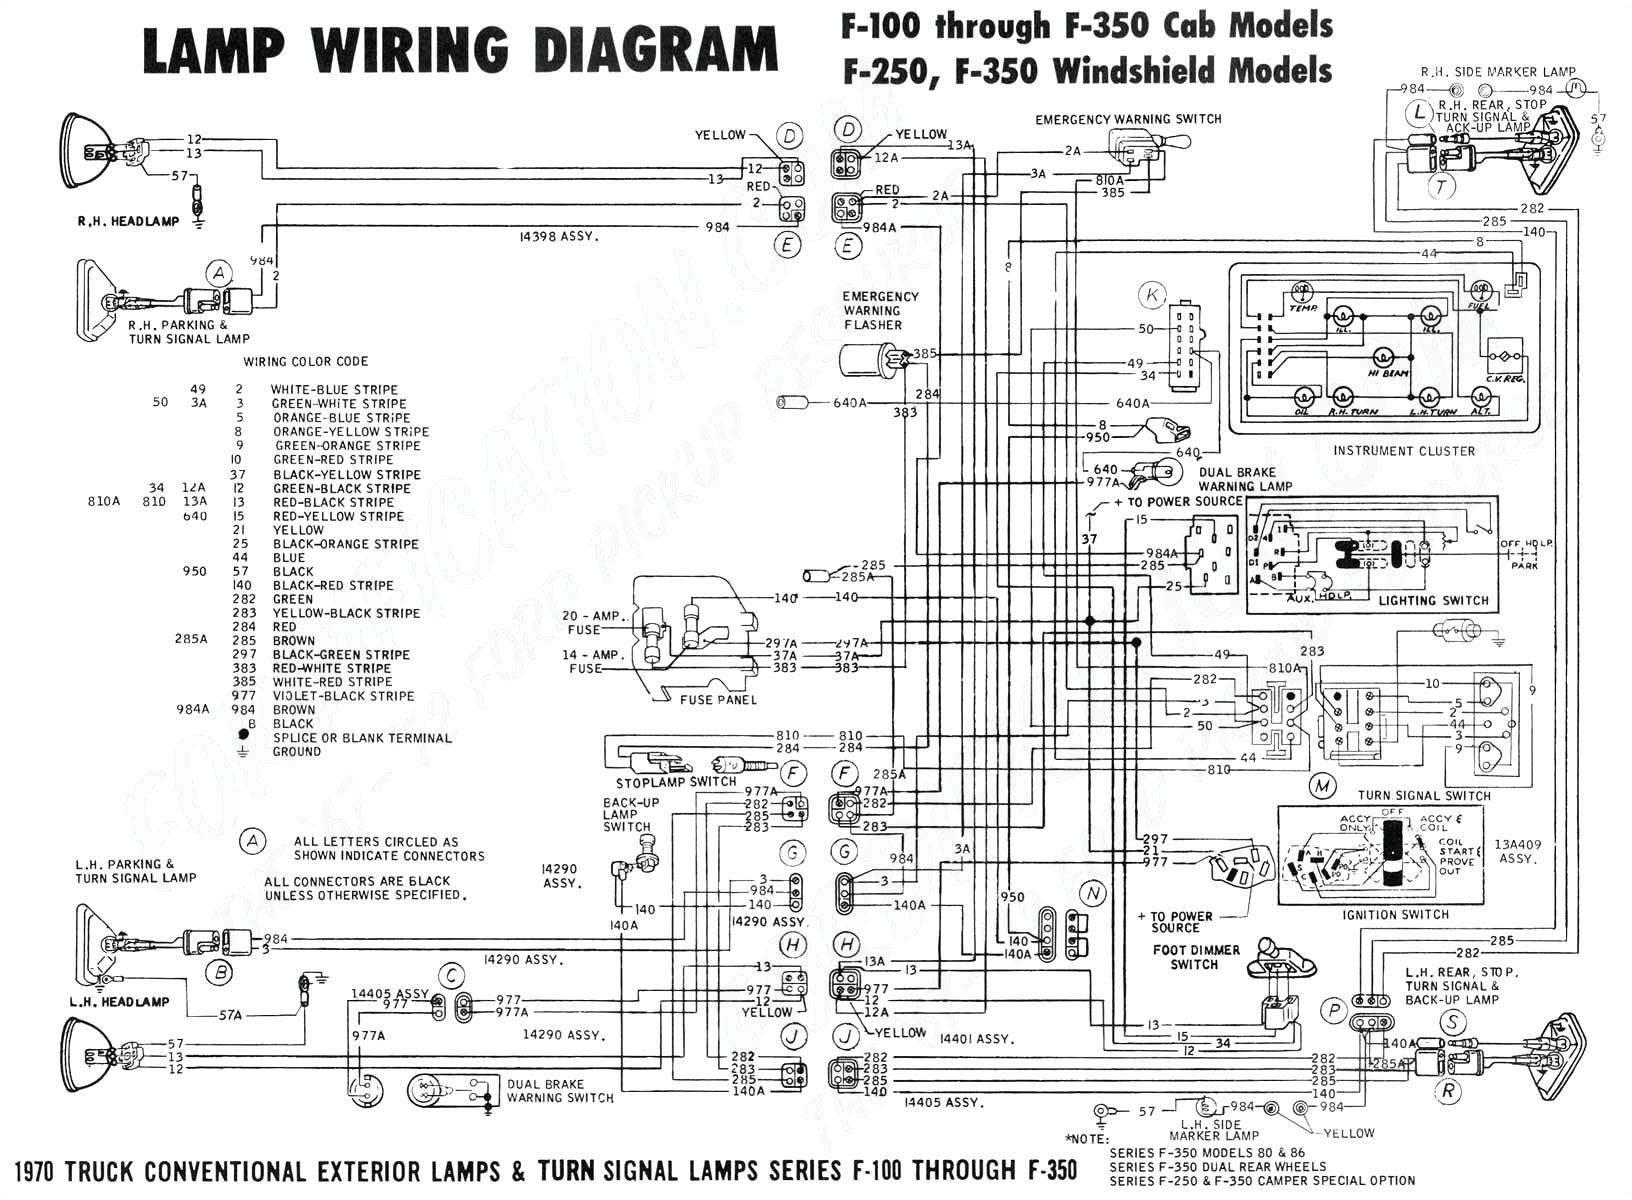 honda carburetor diagram 2007 230 blog wiring diagram honda ruckus carburetor diagram in addition 2007 honda